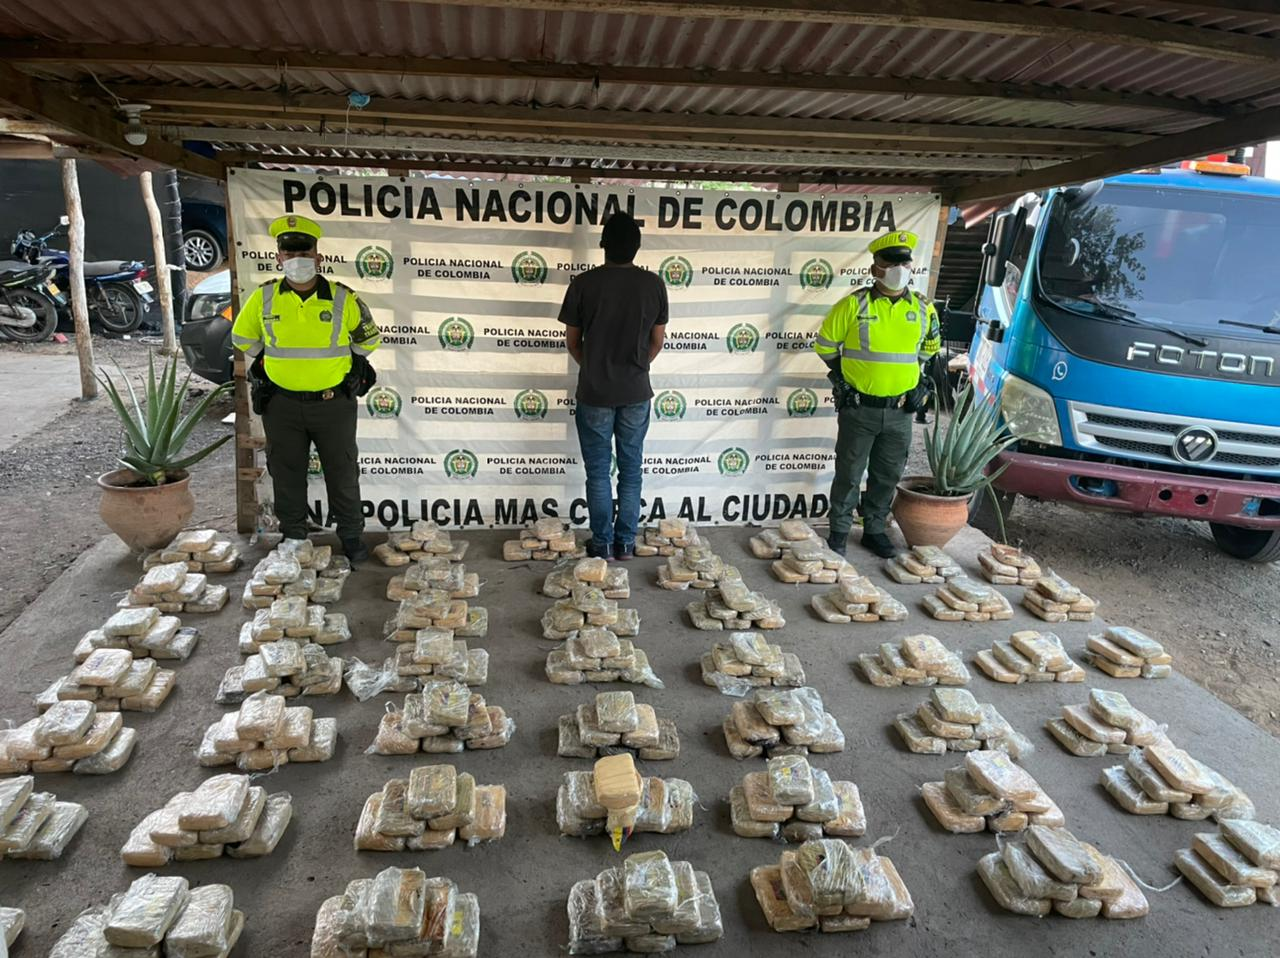 hoyennoticia.com, 220 kilos de marihuana se incautaron en Maicao